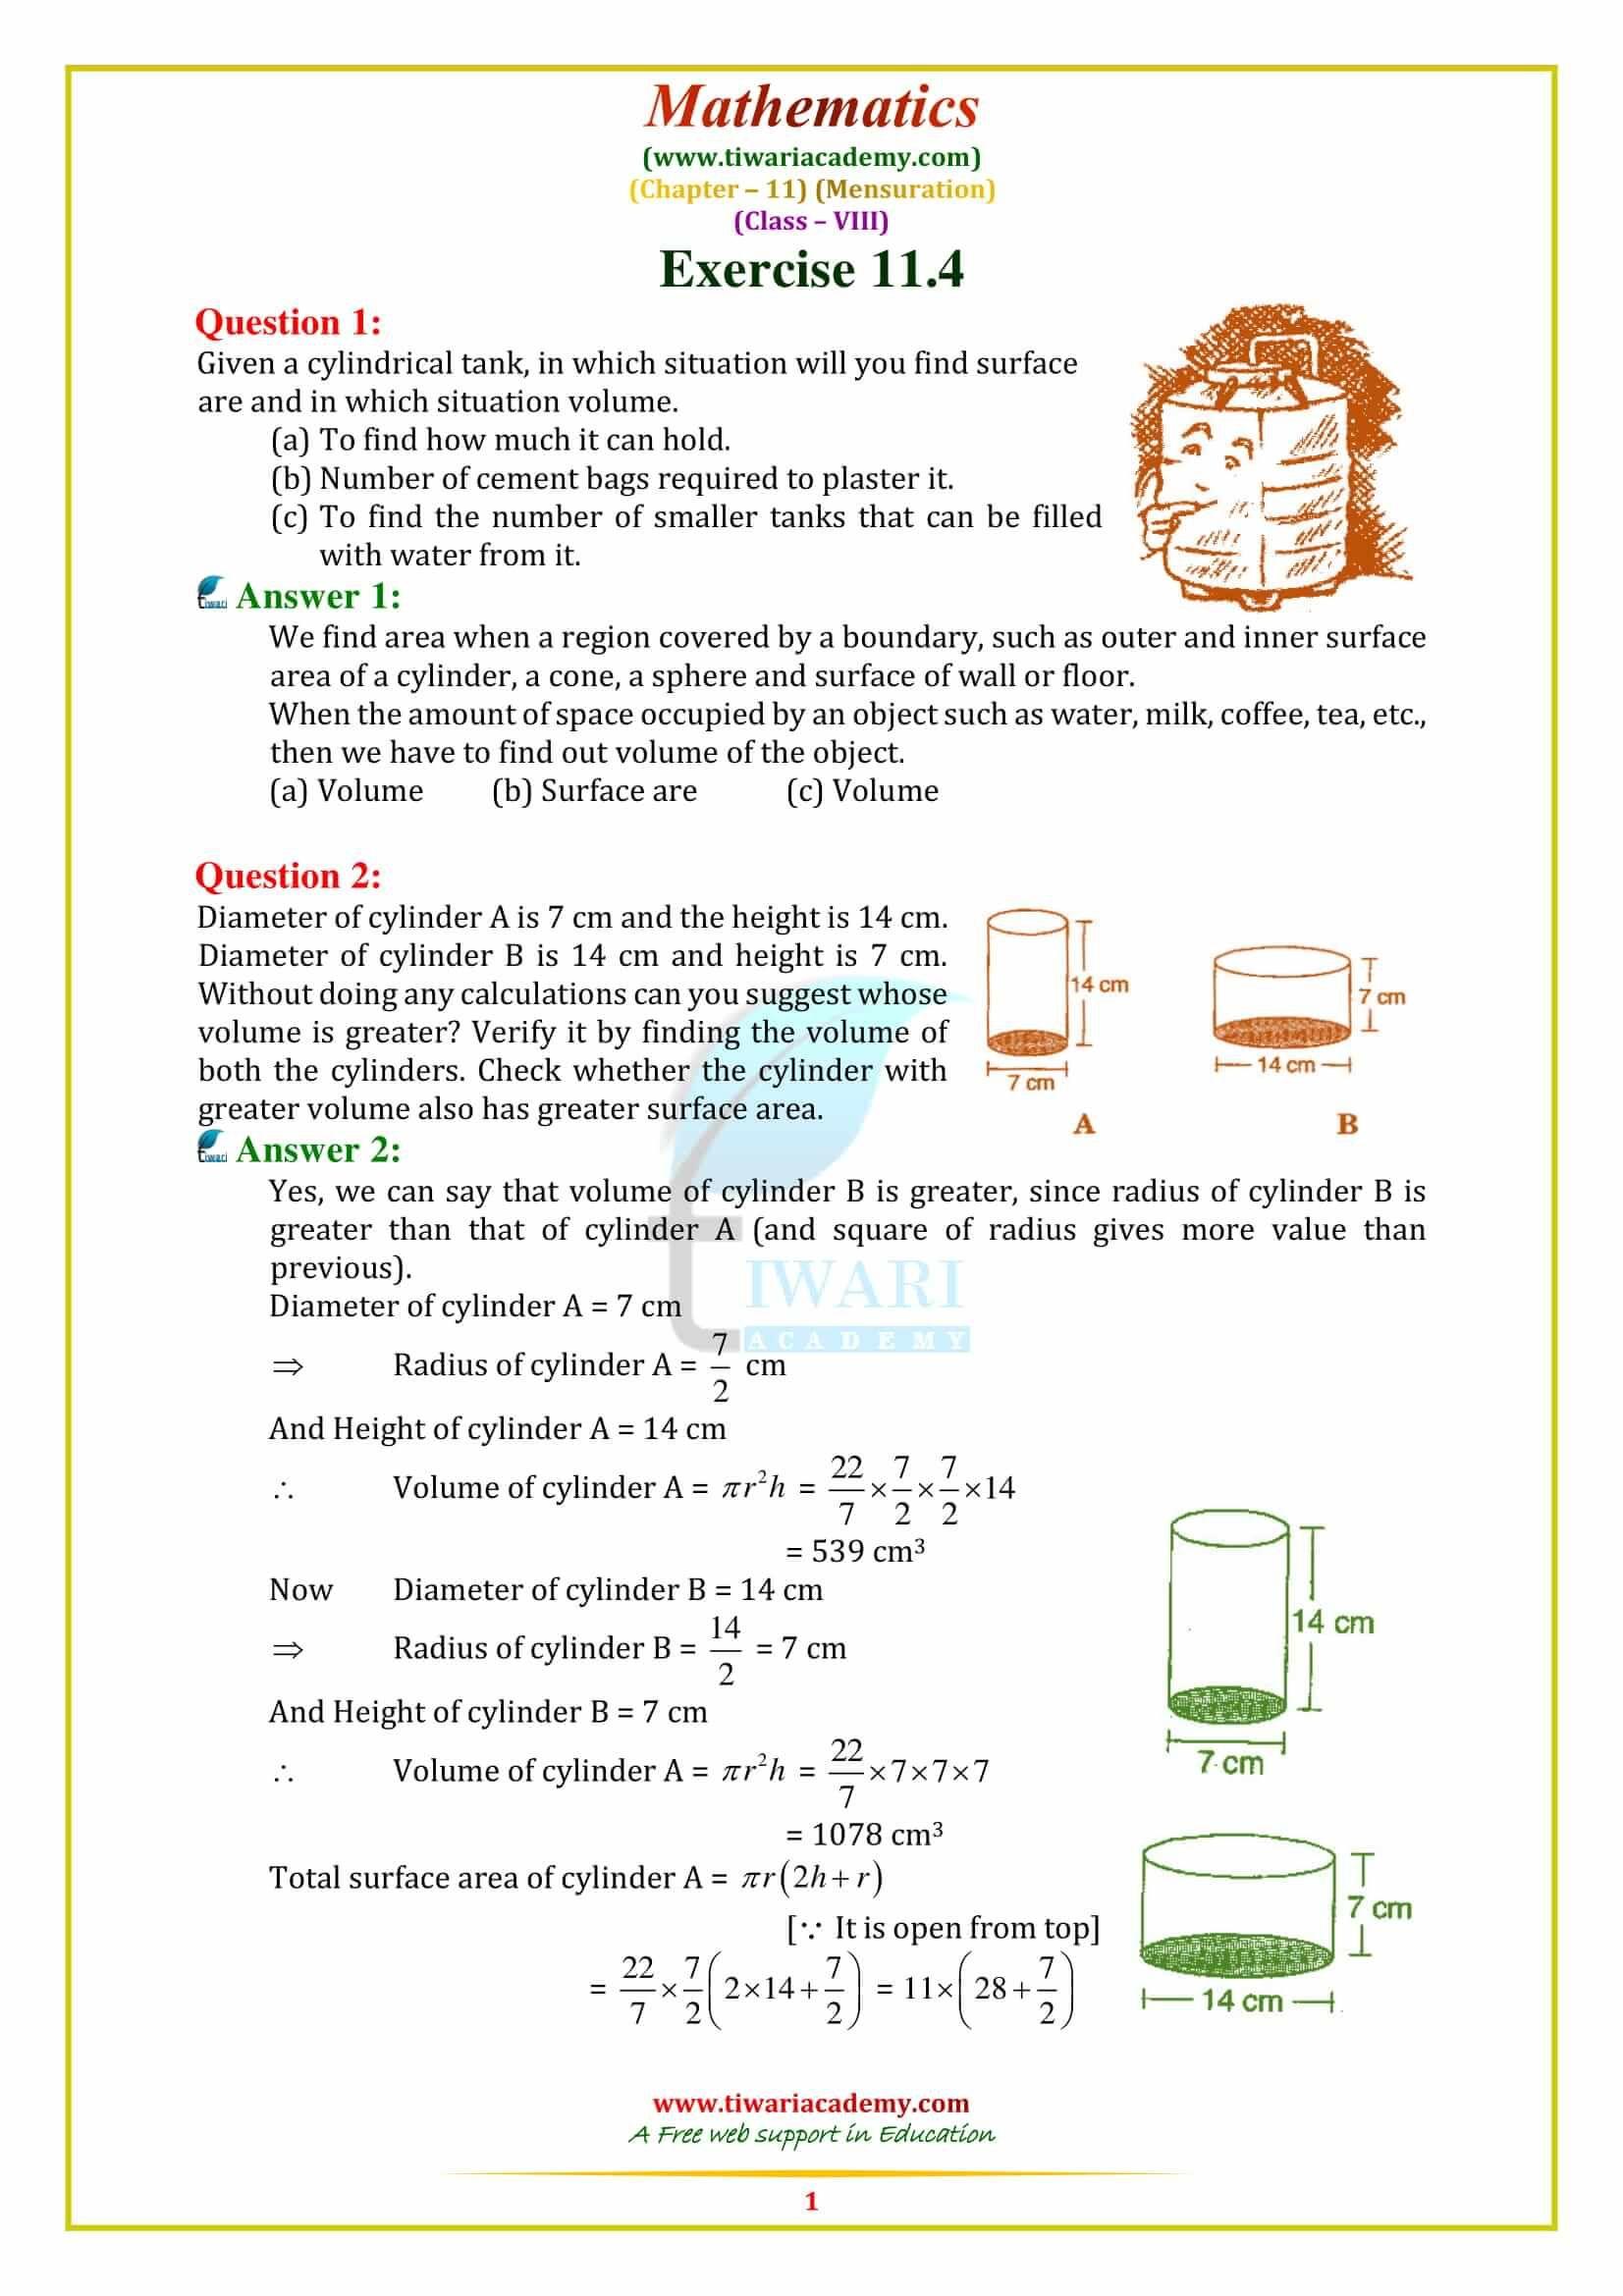 Cbse Ncert Solutions For Class 8 Maths Chapter 11 Mensuration Math Math Worksheet Class 8 [ 2339 x 1653 Pixel ]